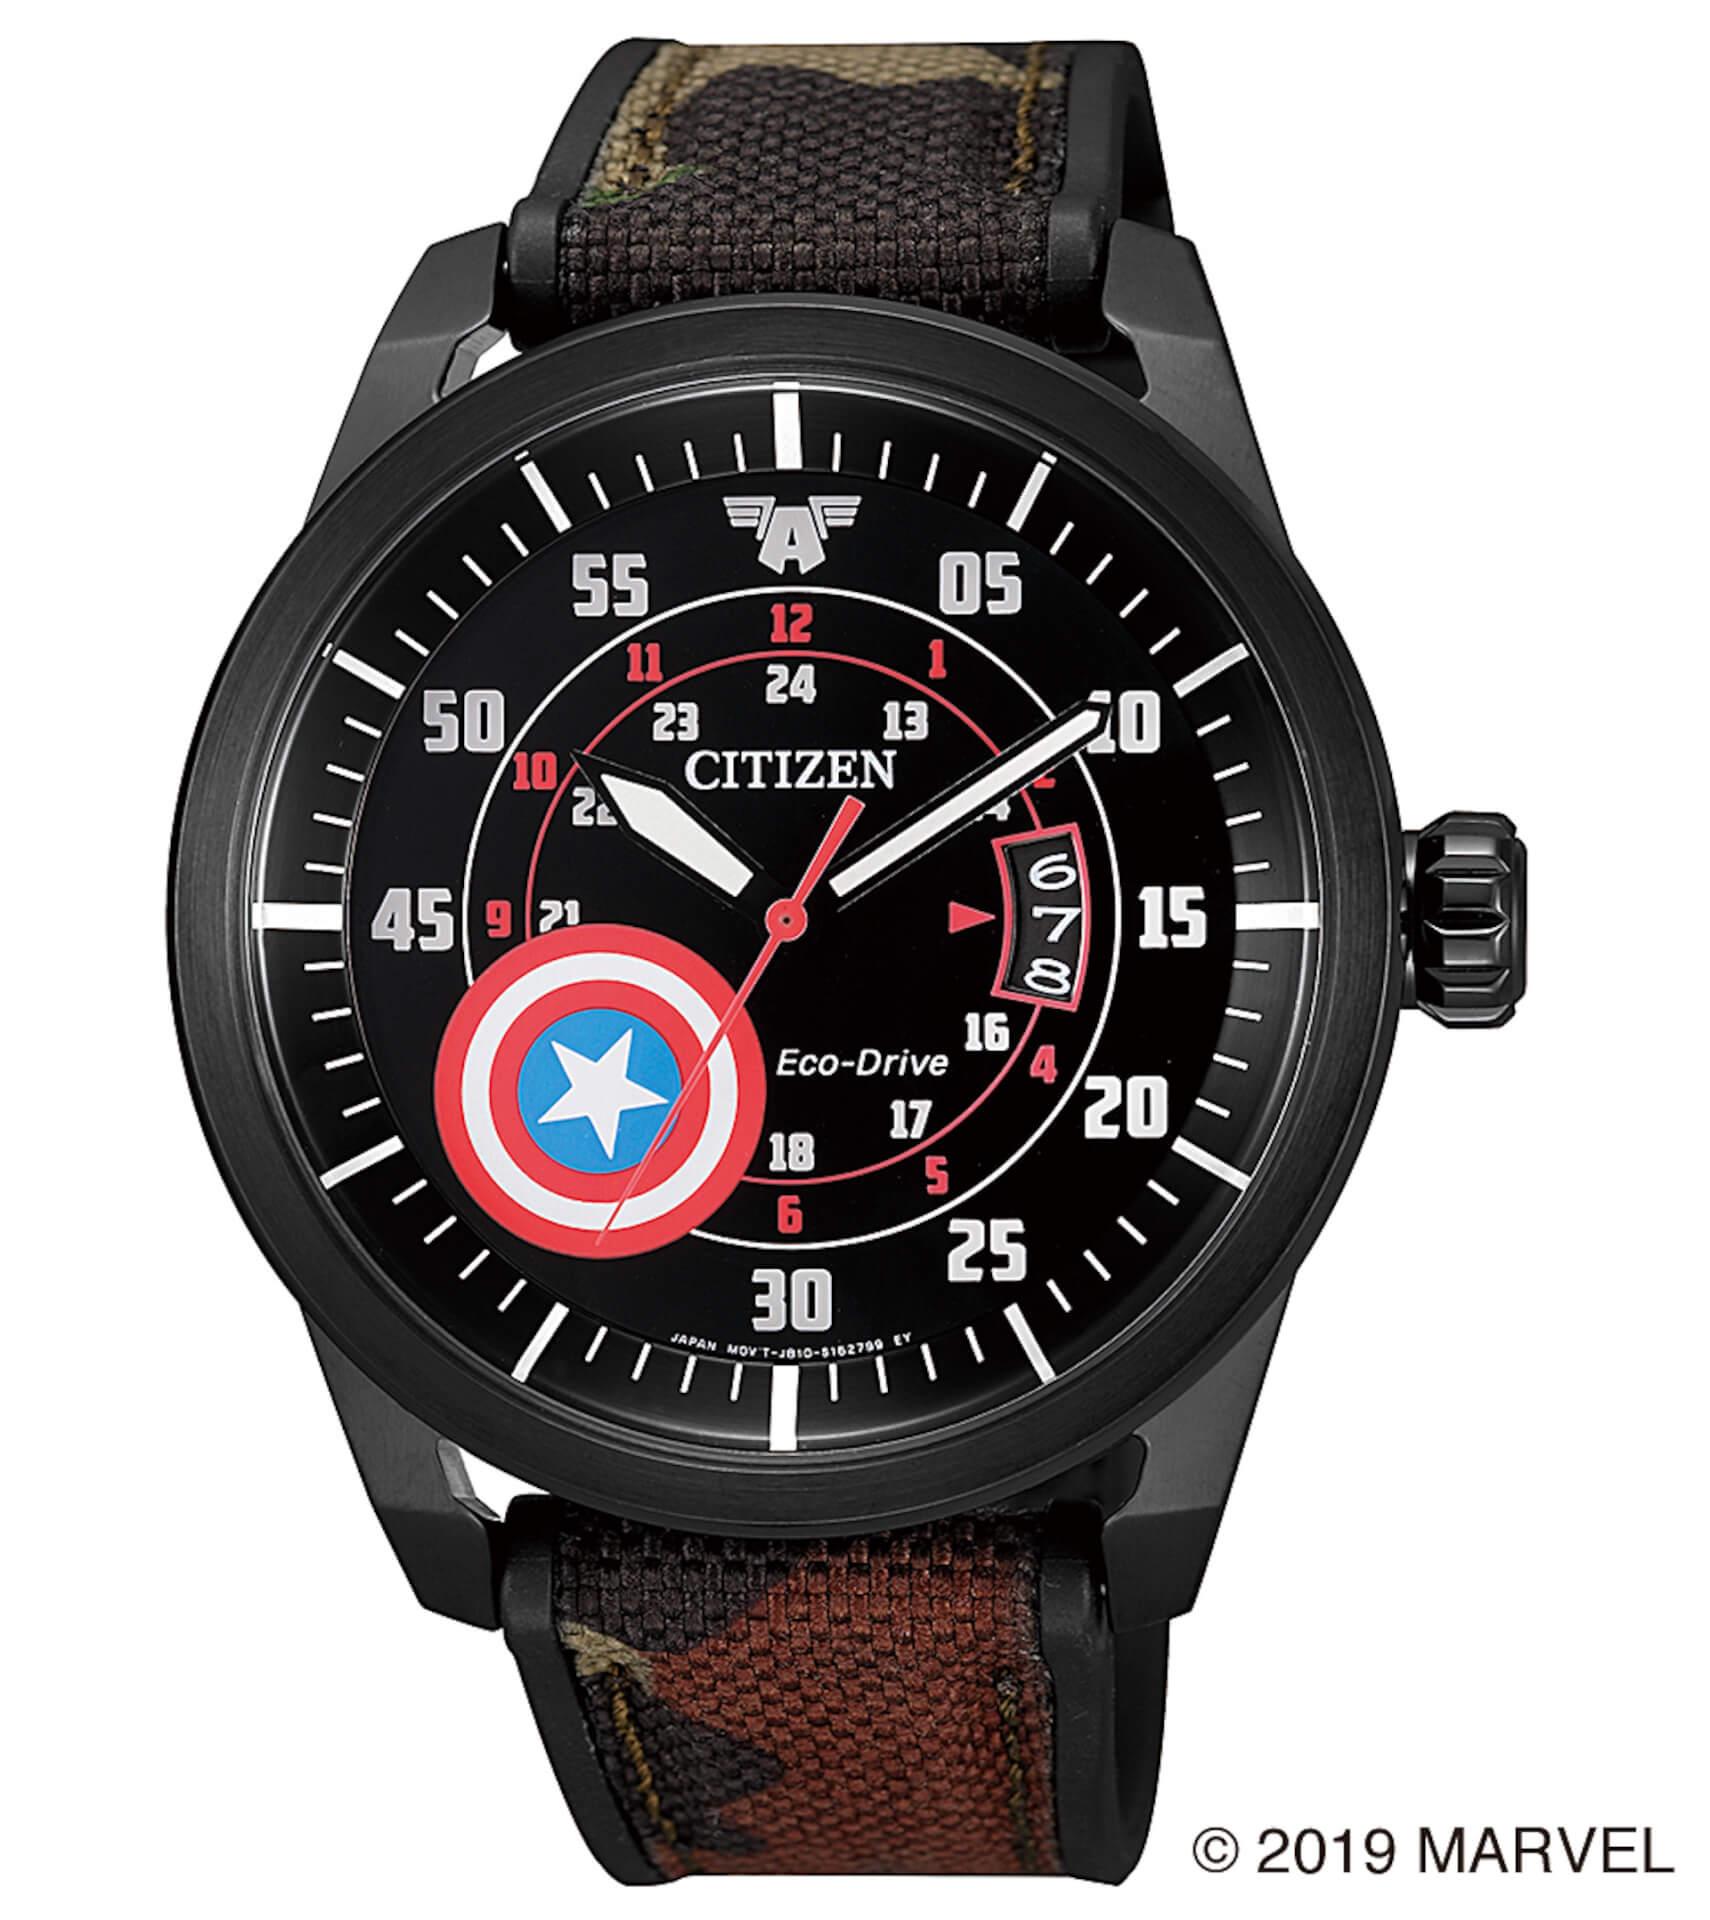 「スパイダーマン」や「キャプテン・アメリカ」が腕時計に!マーベルキャラクターをモチーフにしたシチズン腕時計全9モデルが登場 tech190919_marvel_watch_10